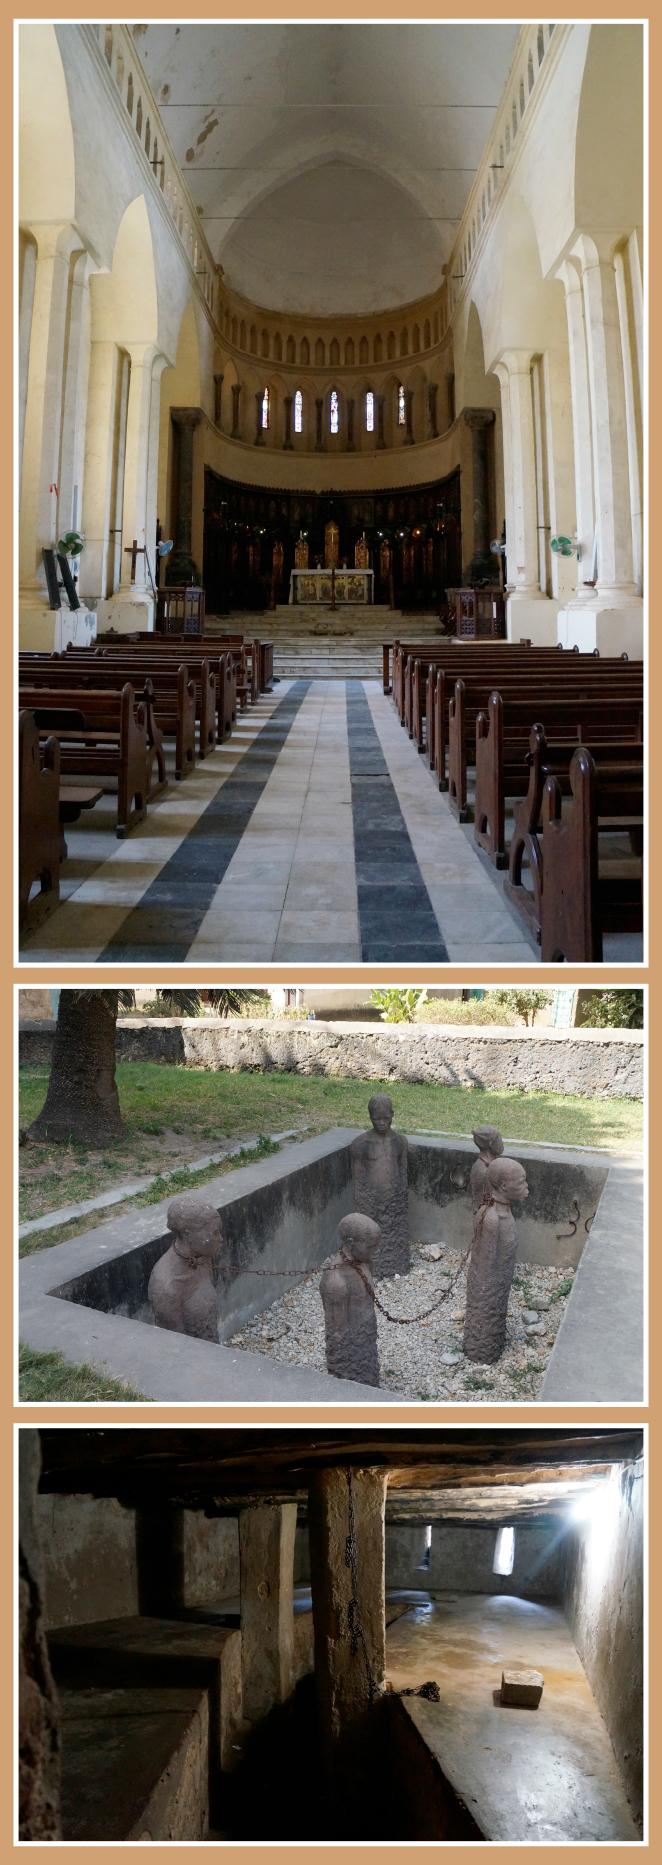 Posteriormente fuimos a visitar al antiguo mercado de esclavos, ahora convertido en una Iglesia Anglicana.